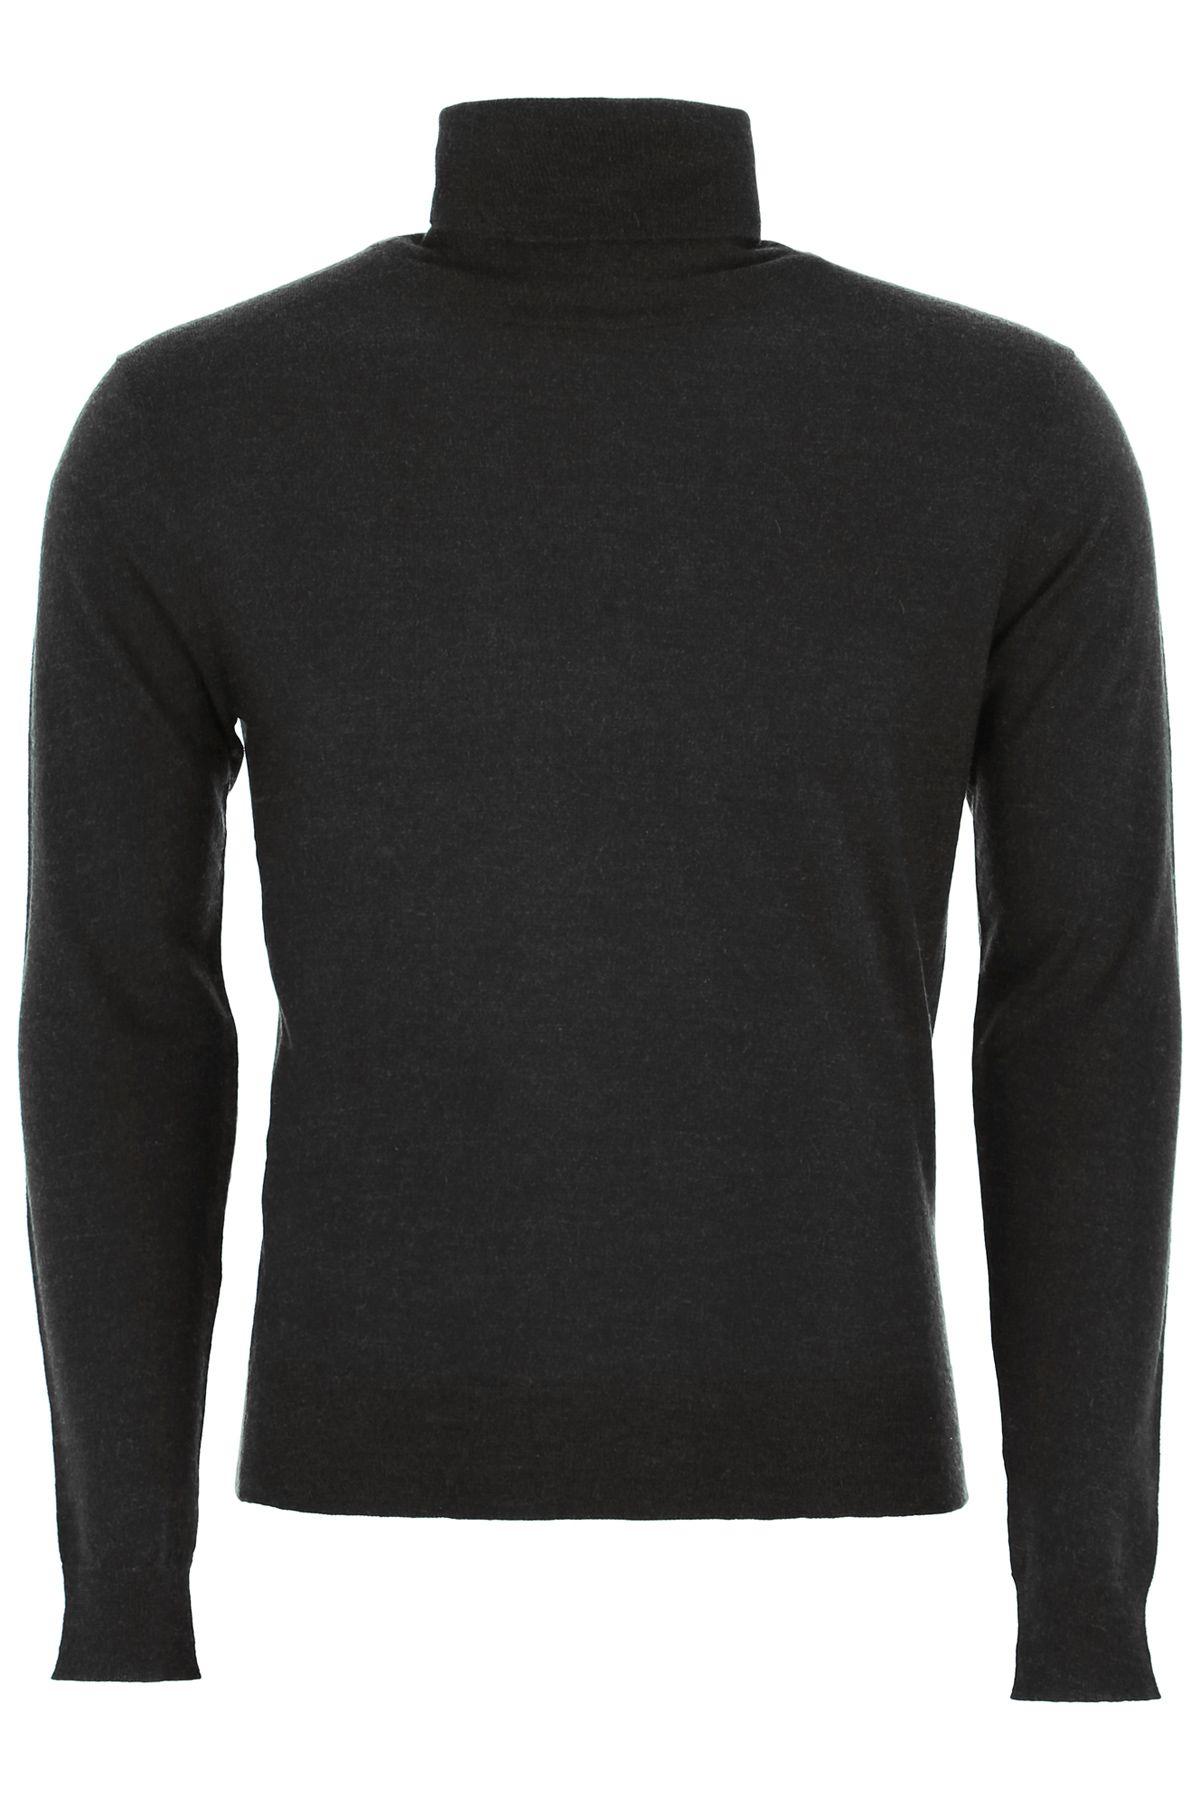 CC COLLECTION CORNELIANI Cashmere Pullover in Antracite Grey